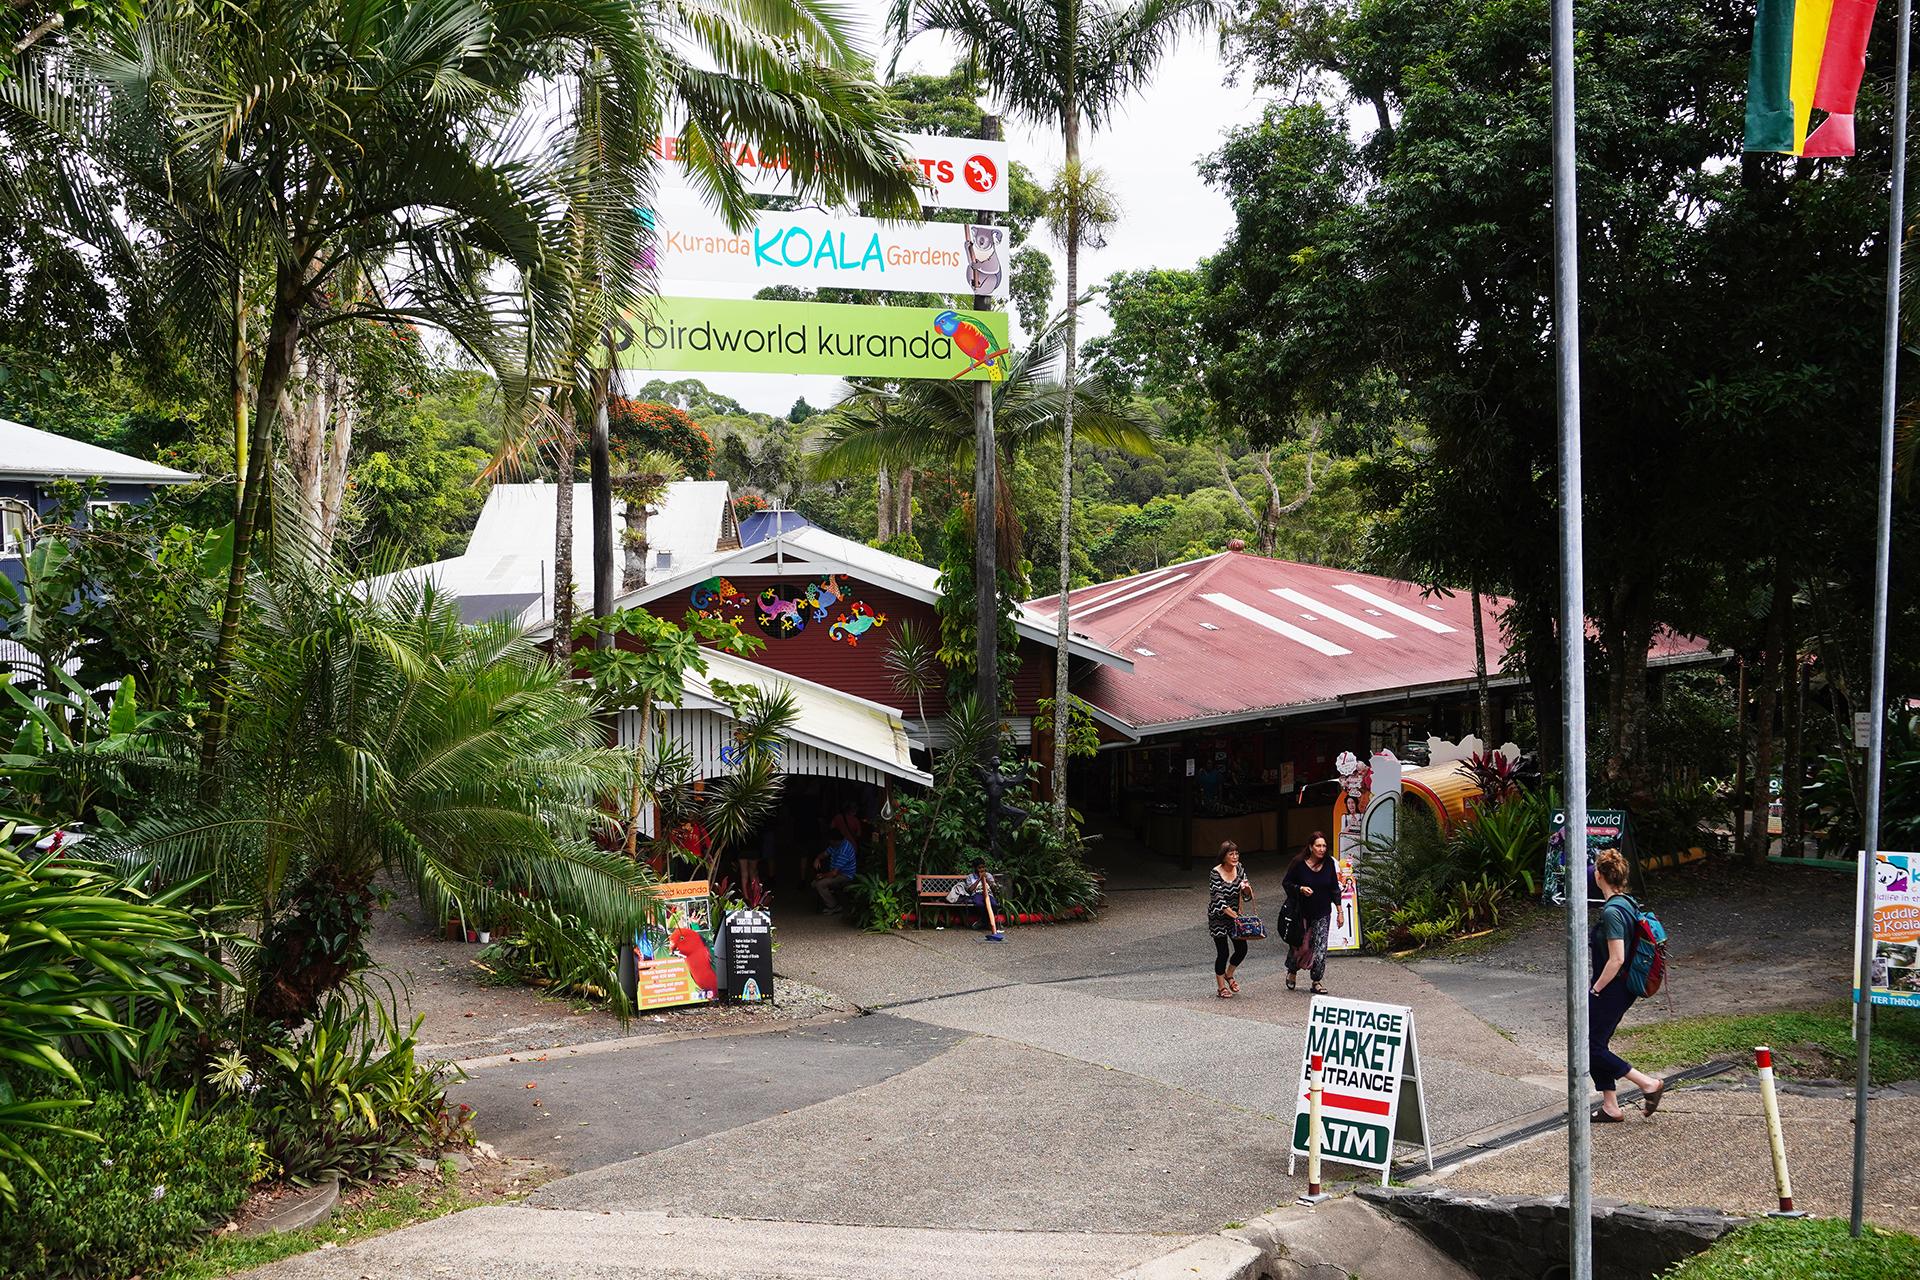 キュランダ動物園